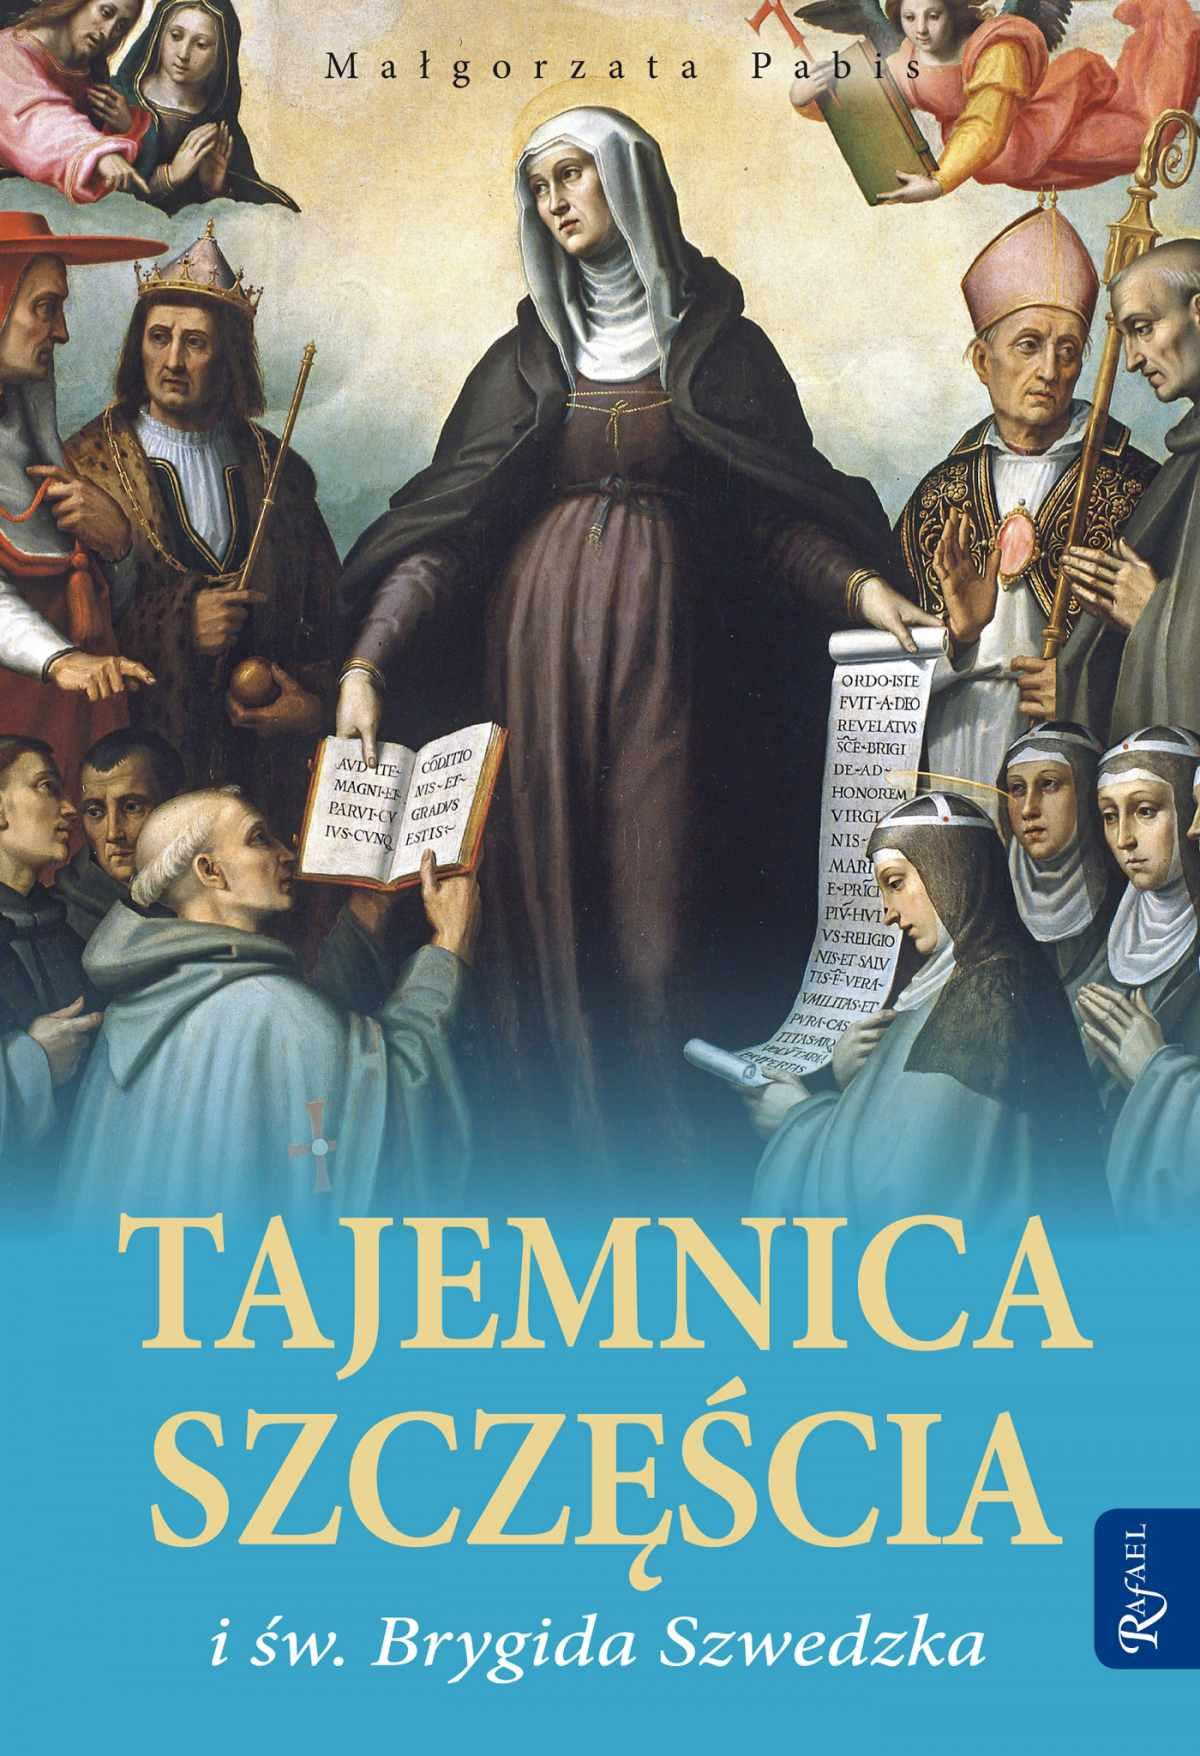 Tajemnica szczęścia i św. Brygida Szwedzka - Ebook (Książka na Kindle) do pobrania w formacie MOBI